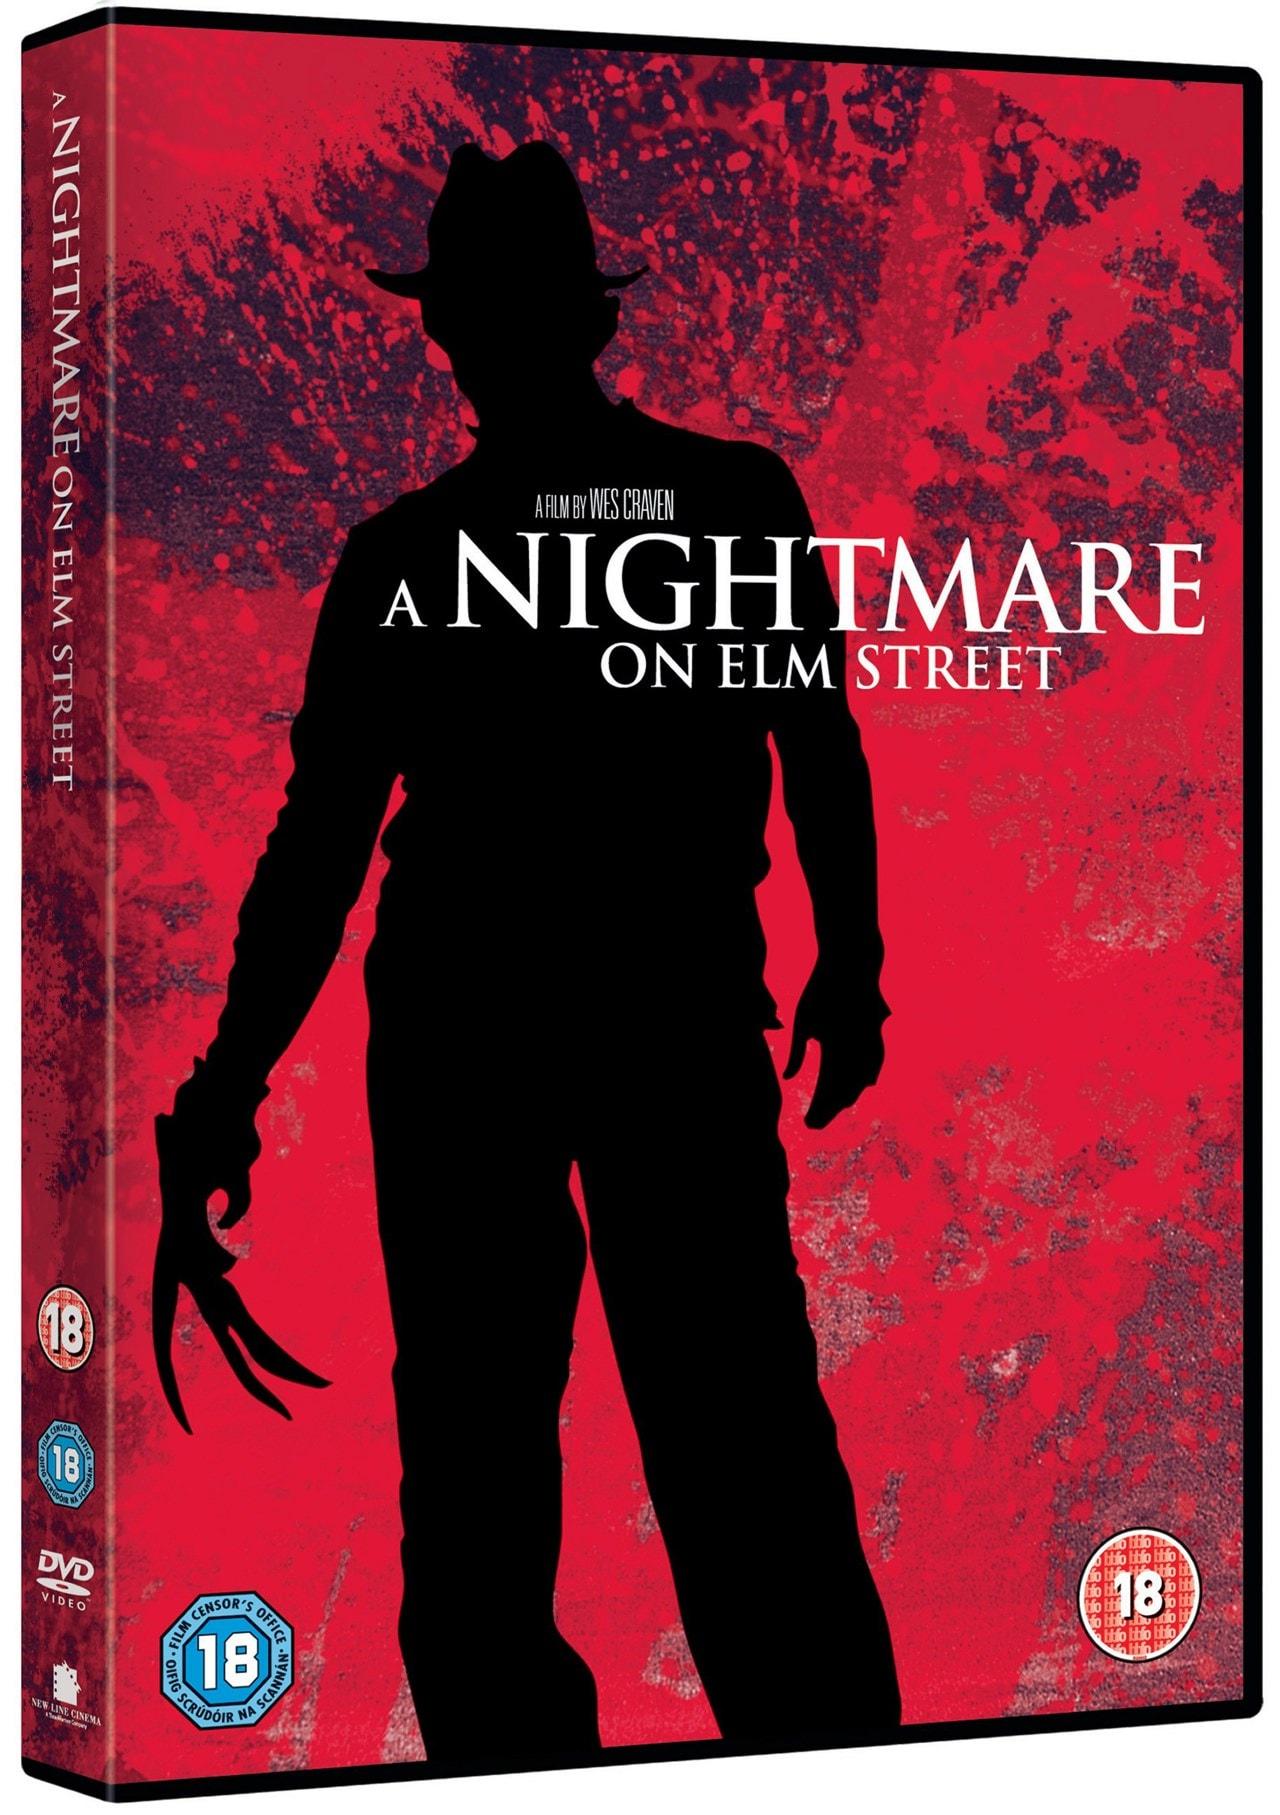 A Nightmare On Elm Street - 4